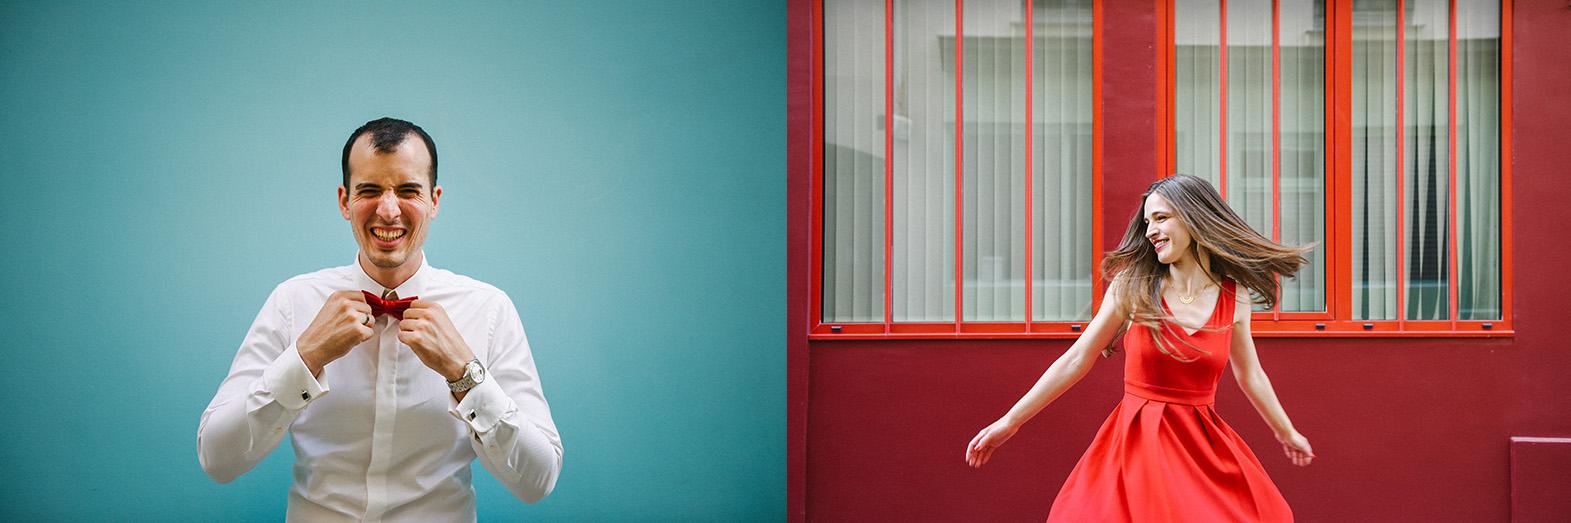 portraits devant des murs en couleur à PAris